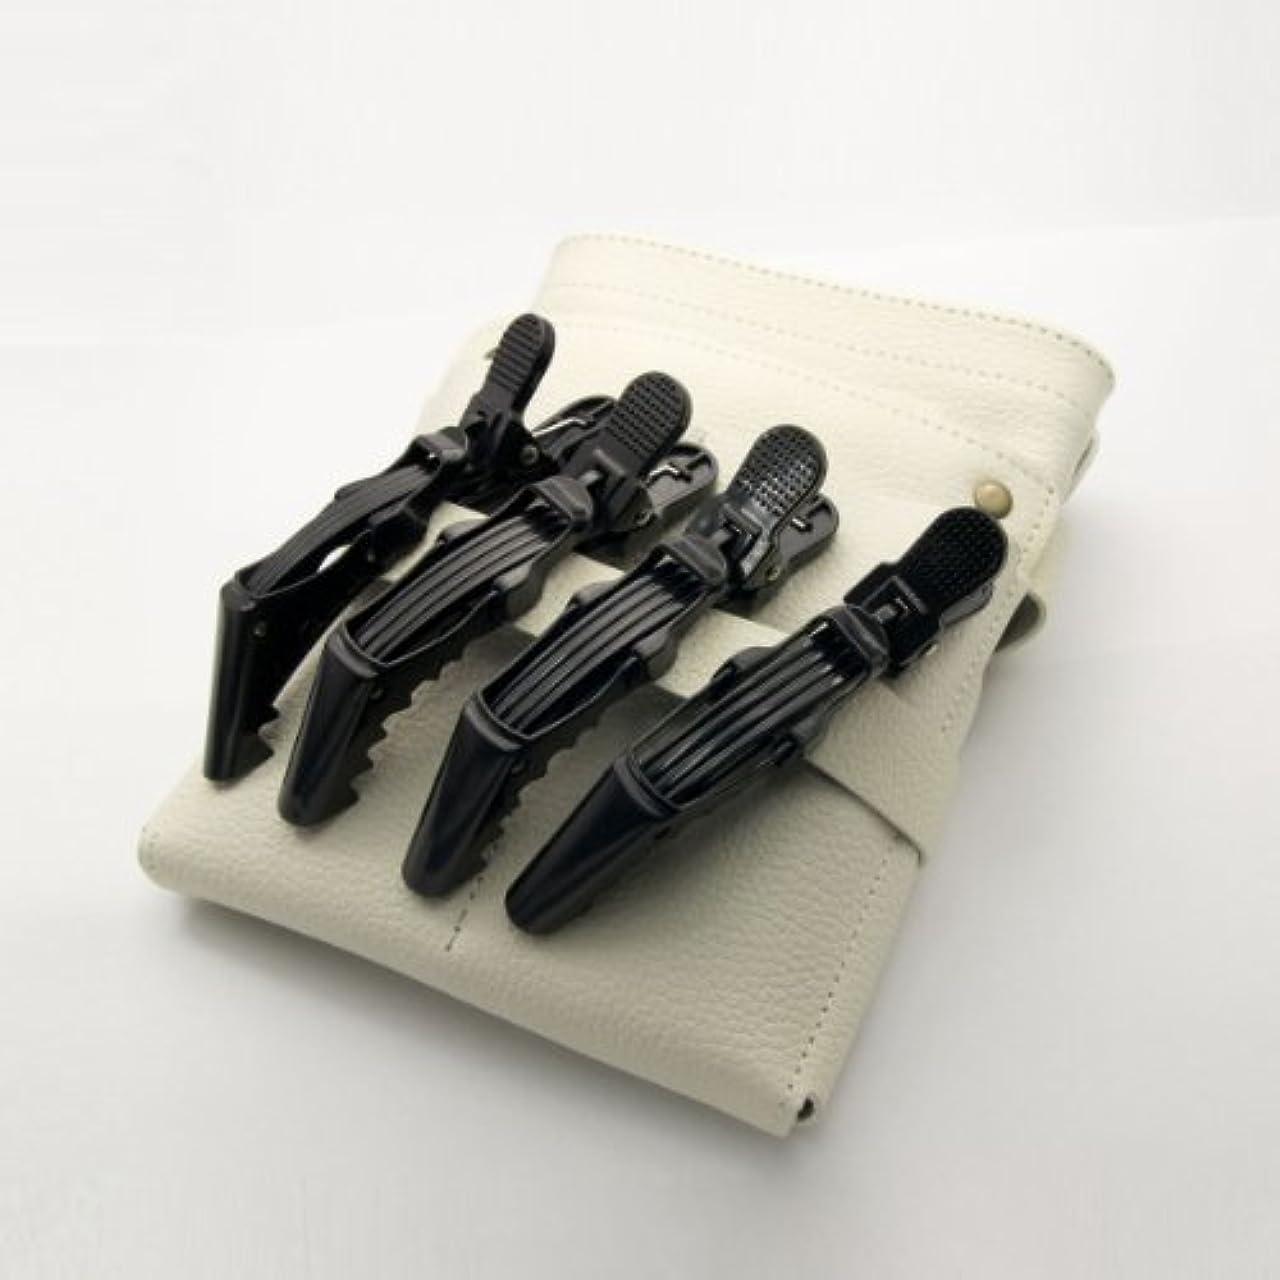 ジョットディボンドンパスタ冷蔵庫DEEDS C-0010 プロ用 ワニクリップ ブラック 美容 クリップピン 黒 ヘアクリップ 美容小物